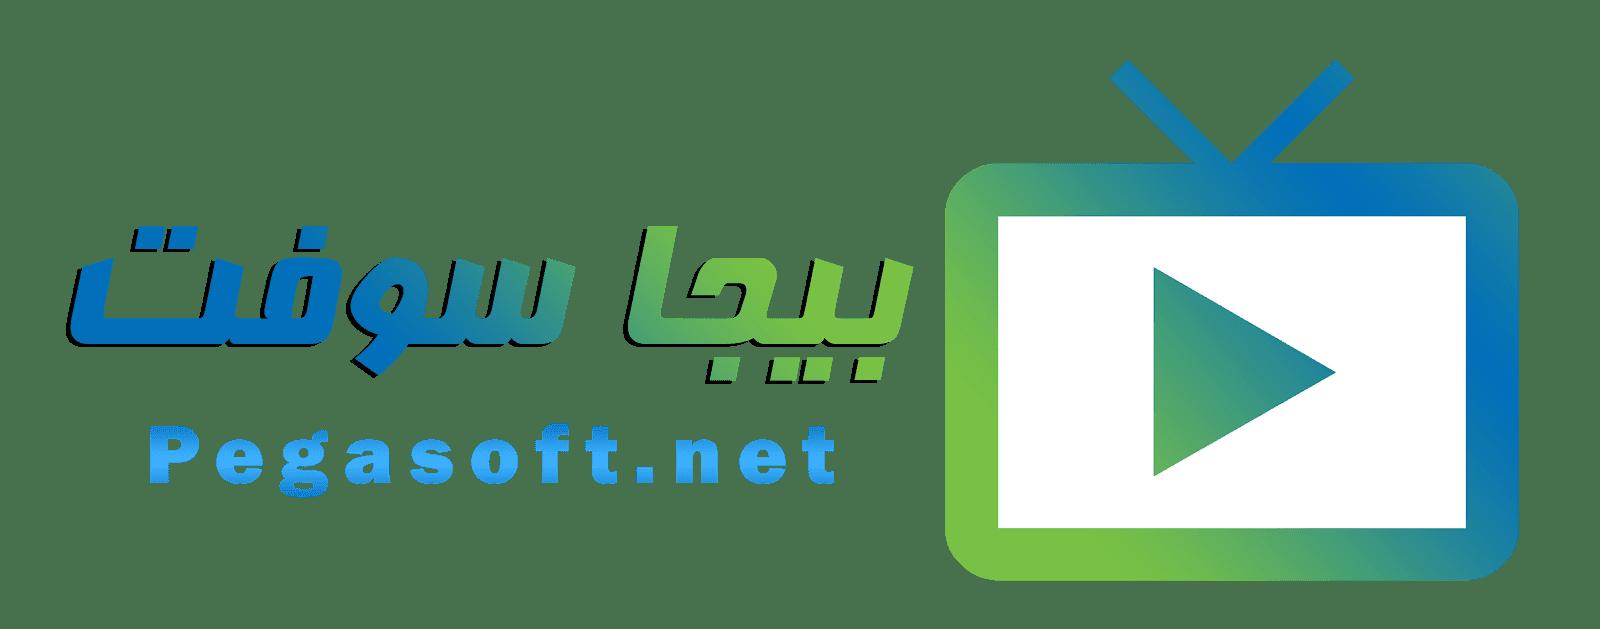 بيجا سوفت Download shareit, Application android, Video app